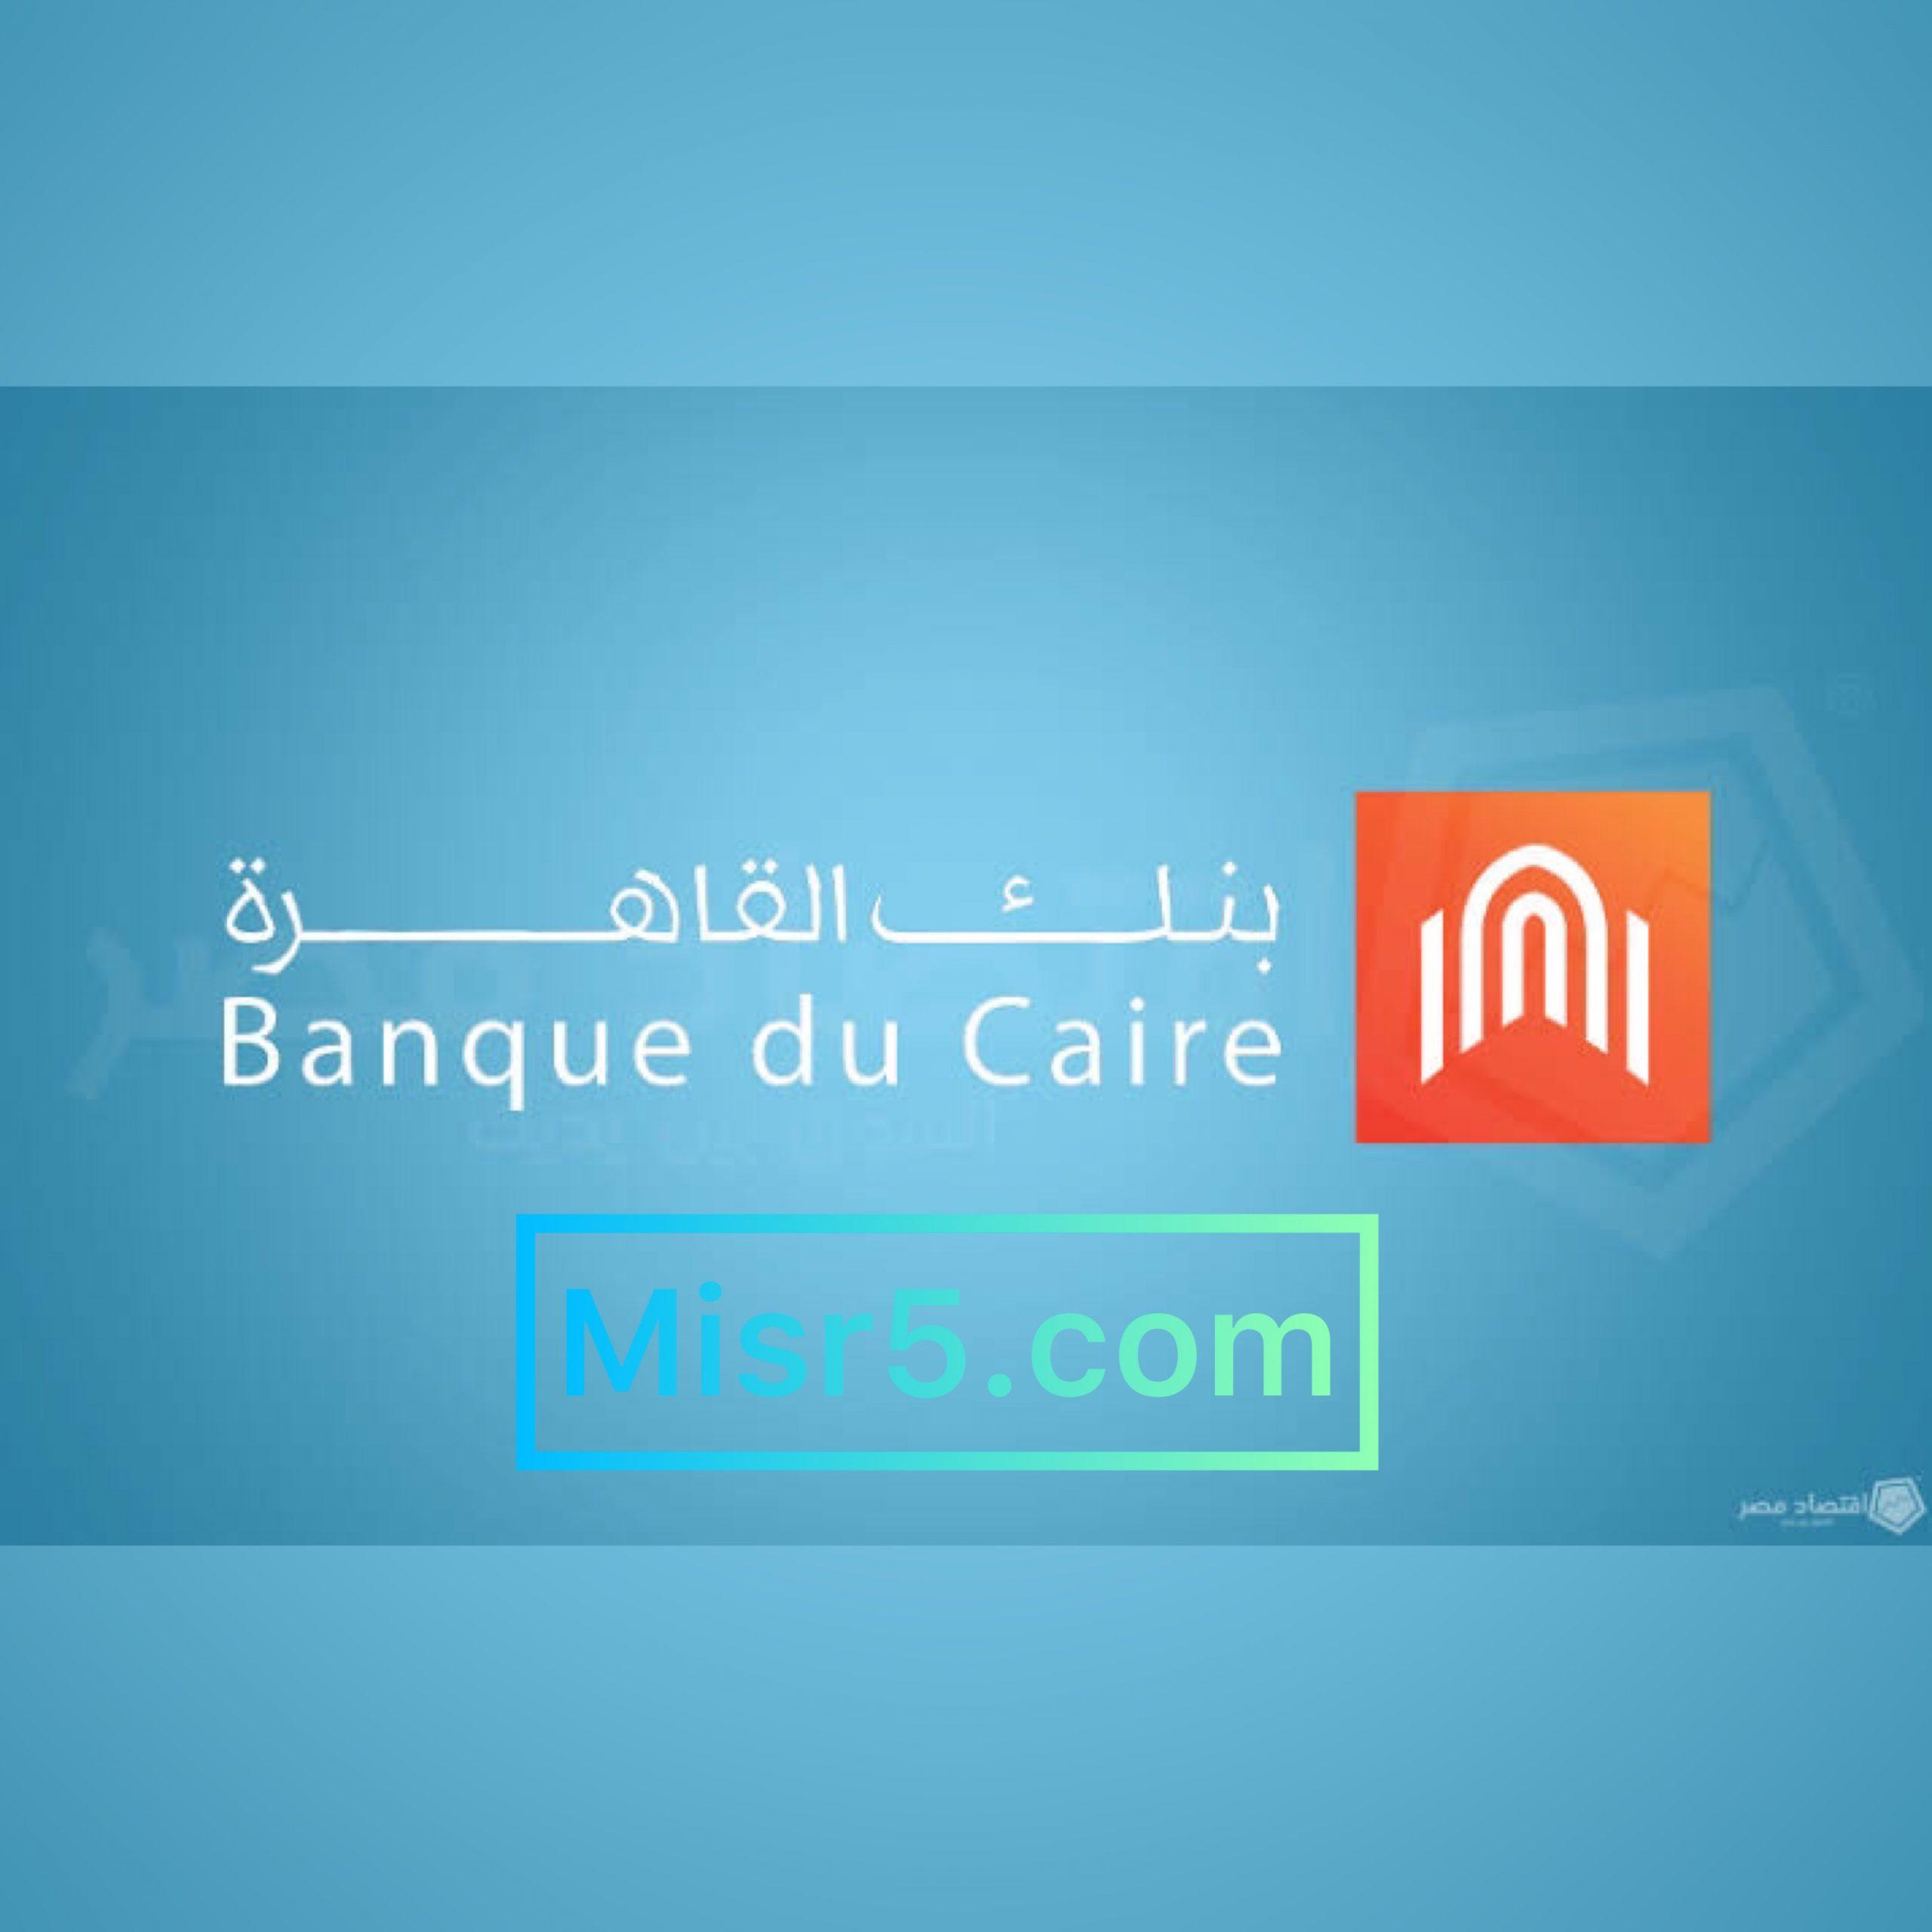 وظائف بنك القاهرة   إعلان فتح باب التعيين 2021- تعرف علي الشروط والأوراق المطلوبة